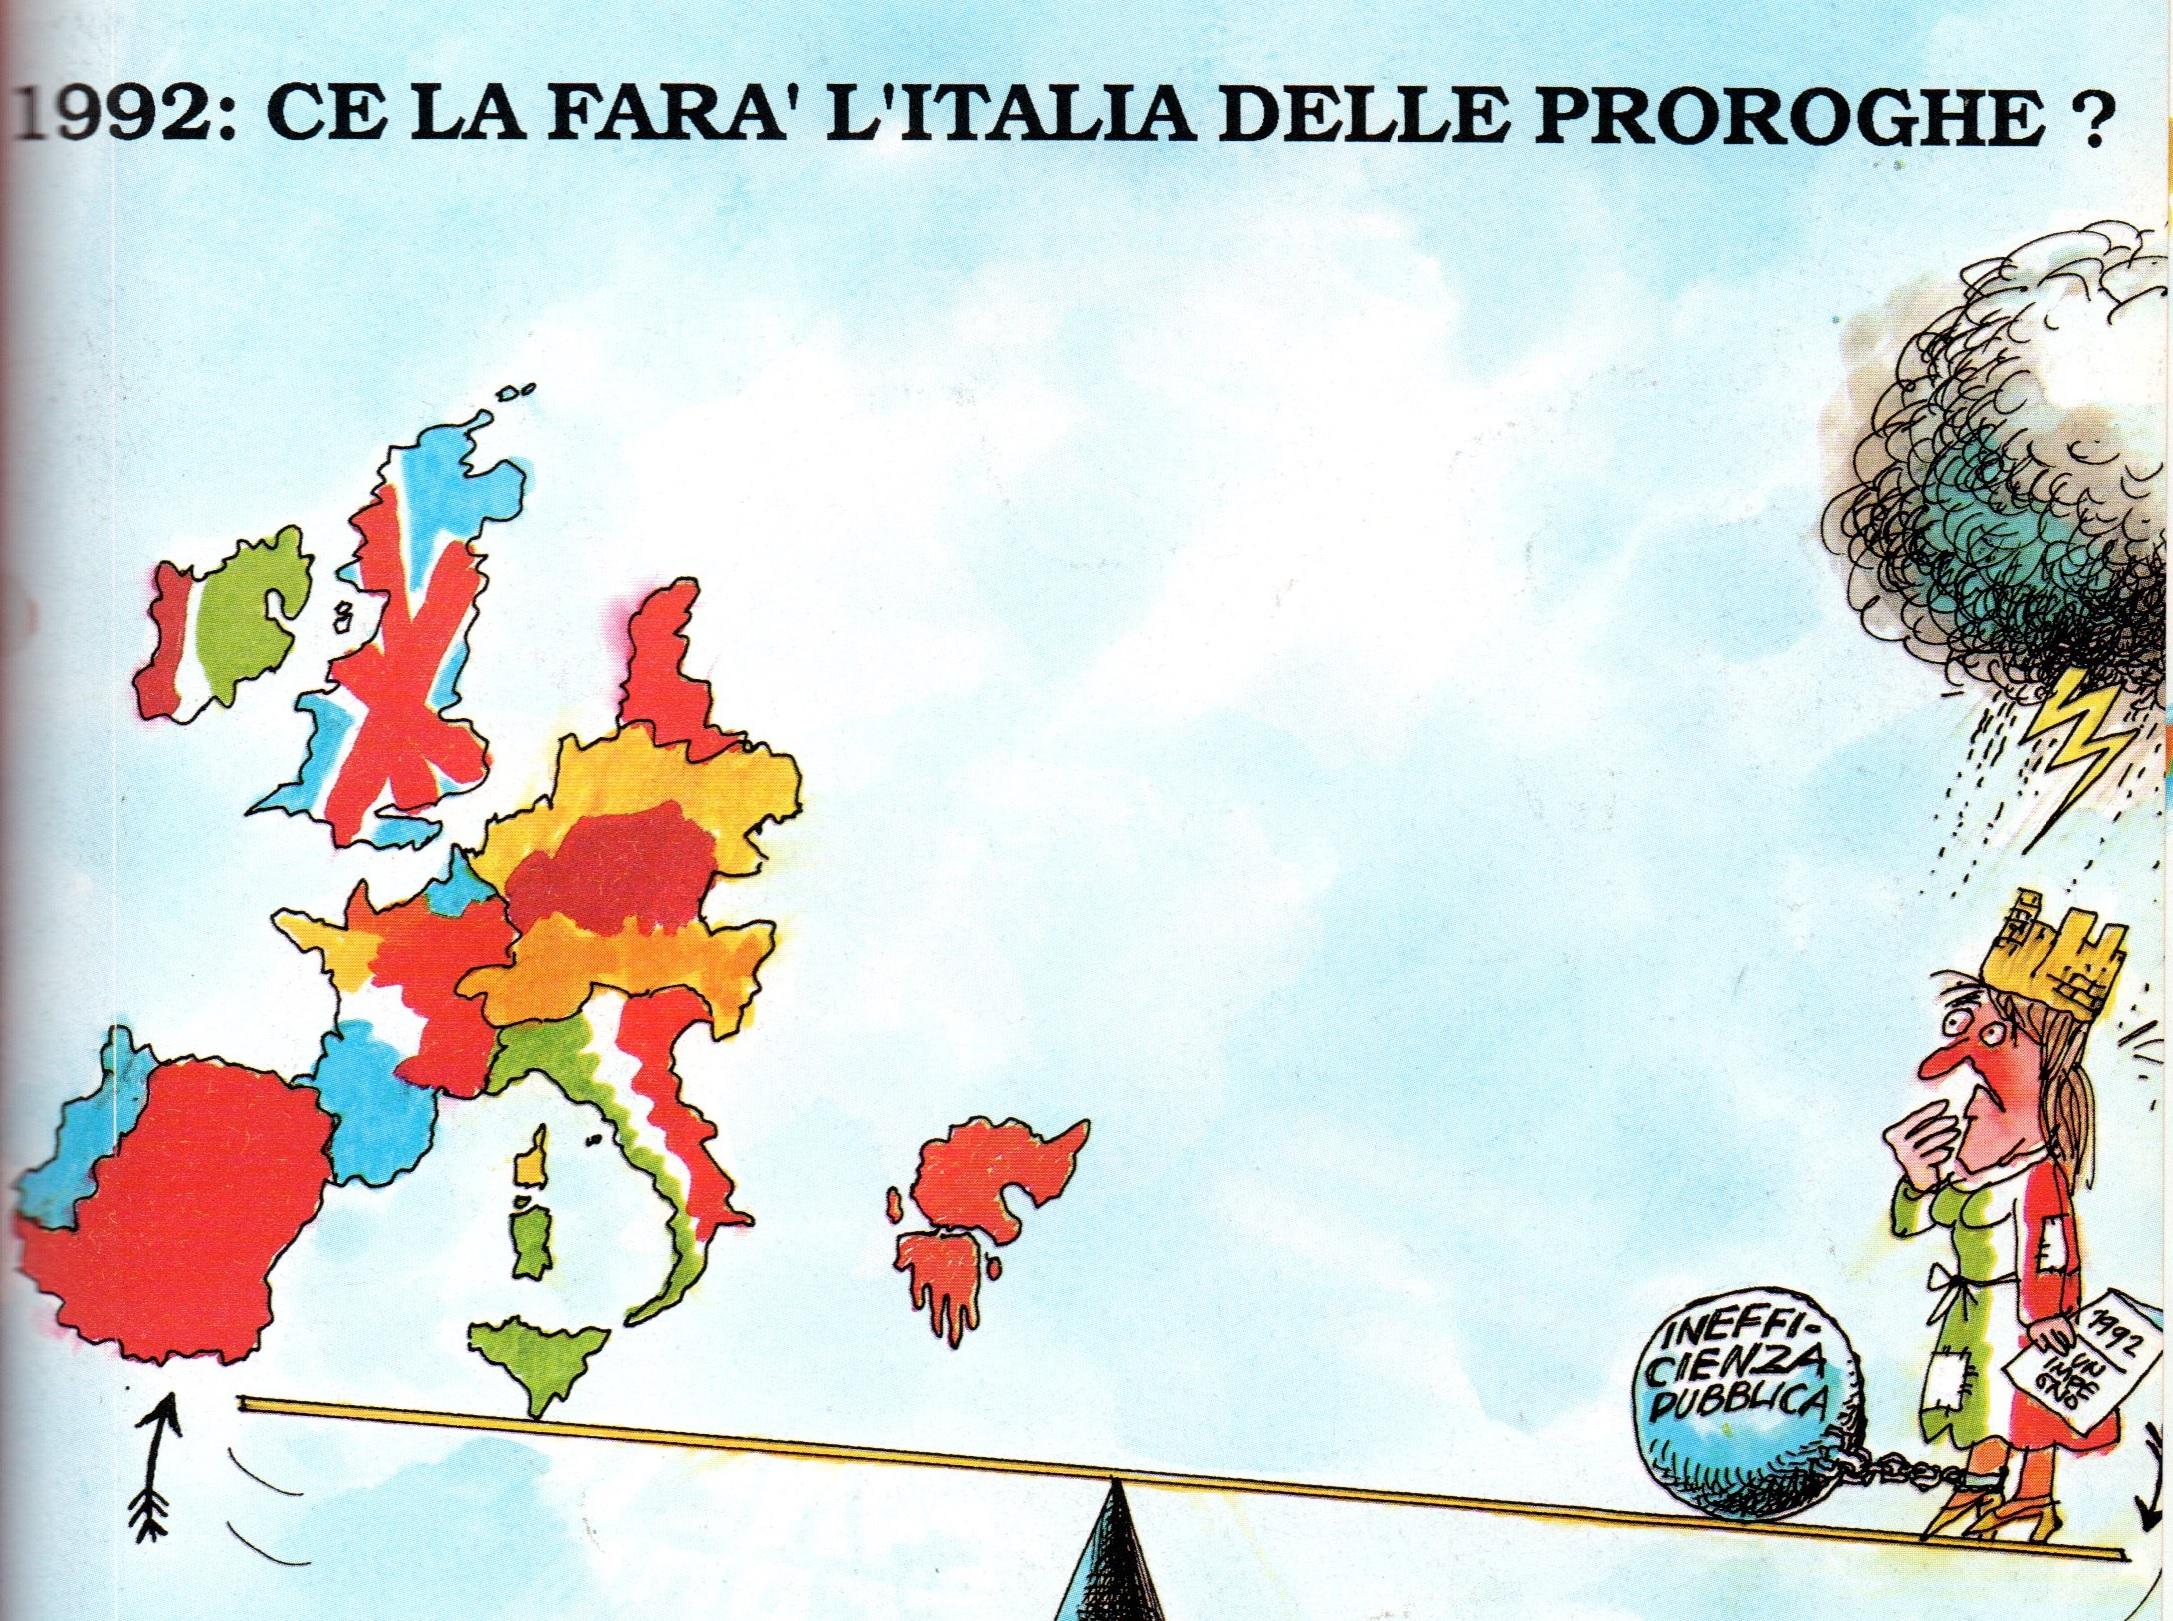 AVINEWS 297: LE PROSPETTIVE DEL 1992 (APERTURA DEL MERCATO UNICO EUROPEO) E LE INCERTEZZE DEI T.O. ITALIANI. E UN RAPPORTO DALLA BORSA TURISTICA SICILIANA